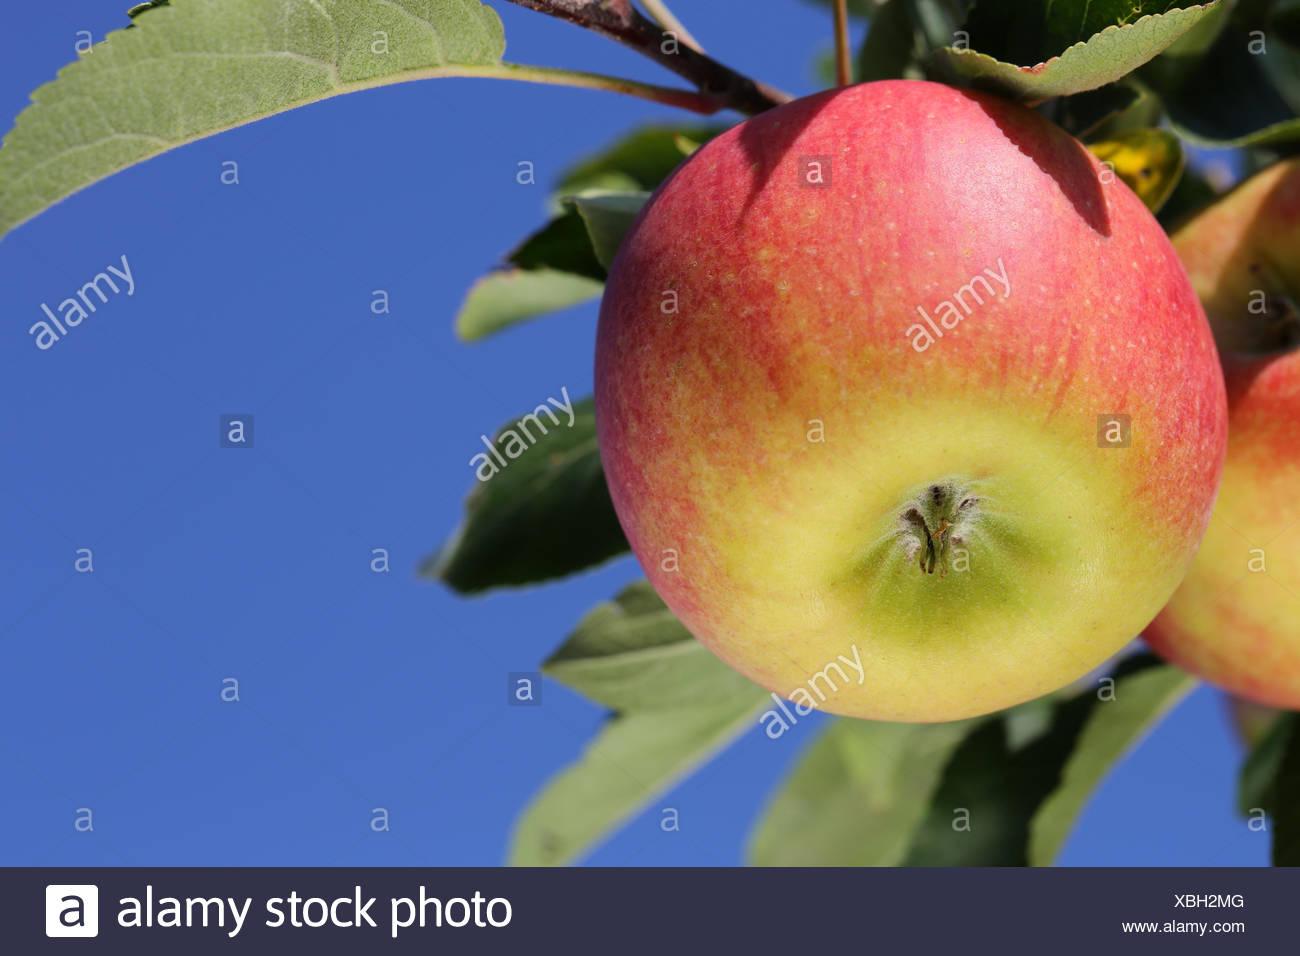 Apfel auf einem Apfelbaum und blauer Himmel - Stock Image